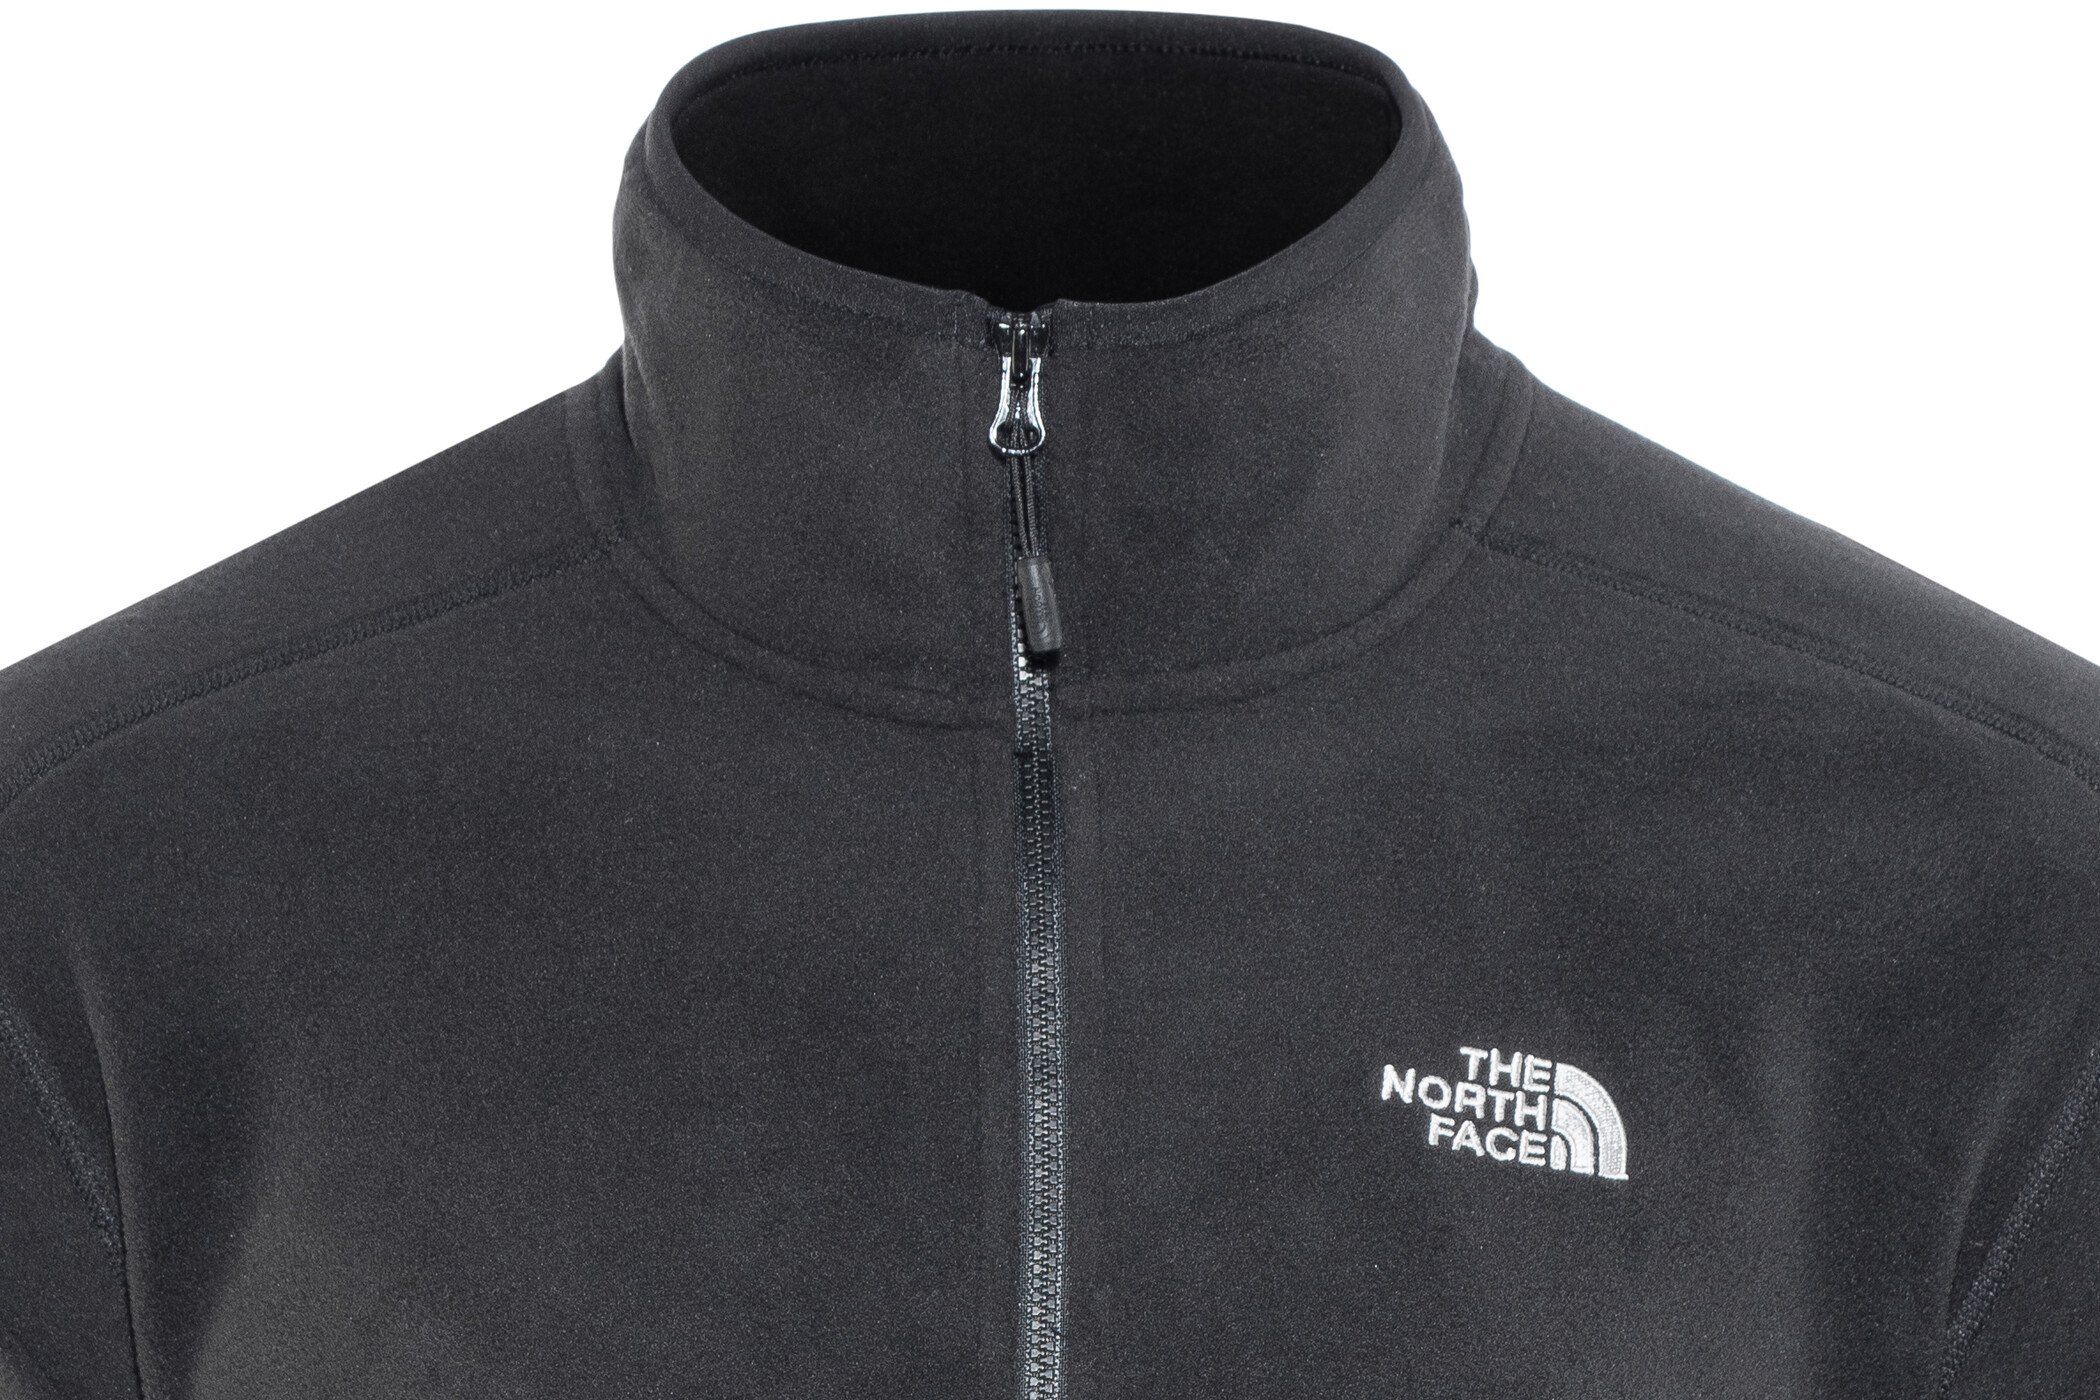 north face jacken bis 100